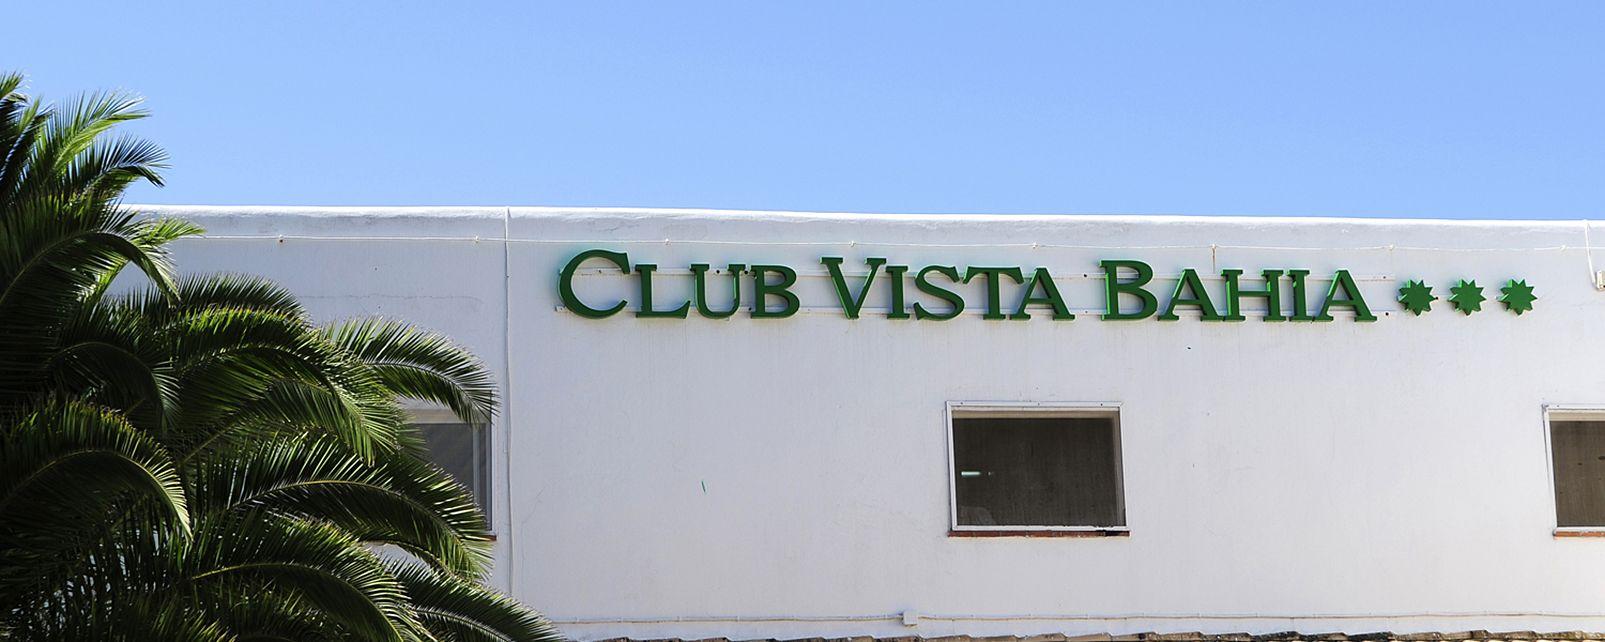 Hôtel Club Vista Bahia